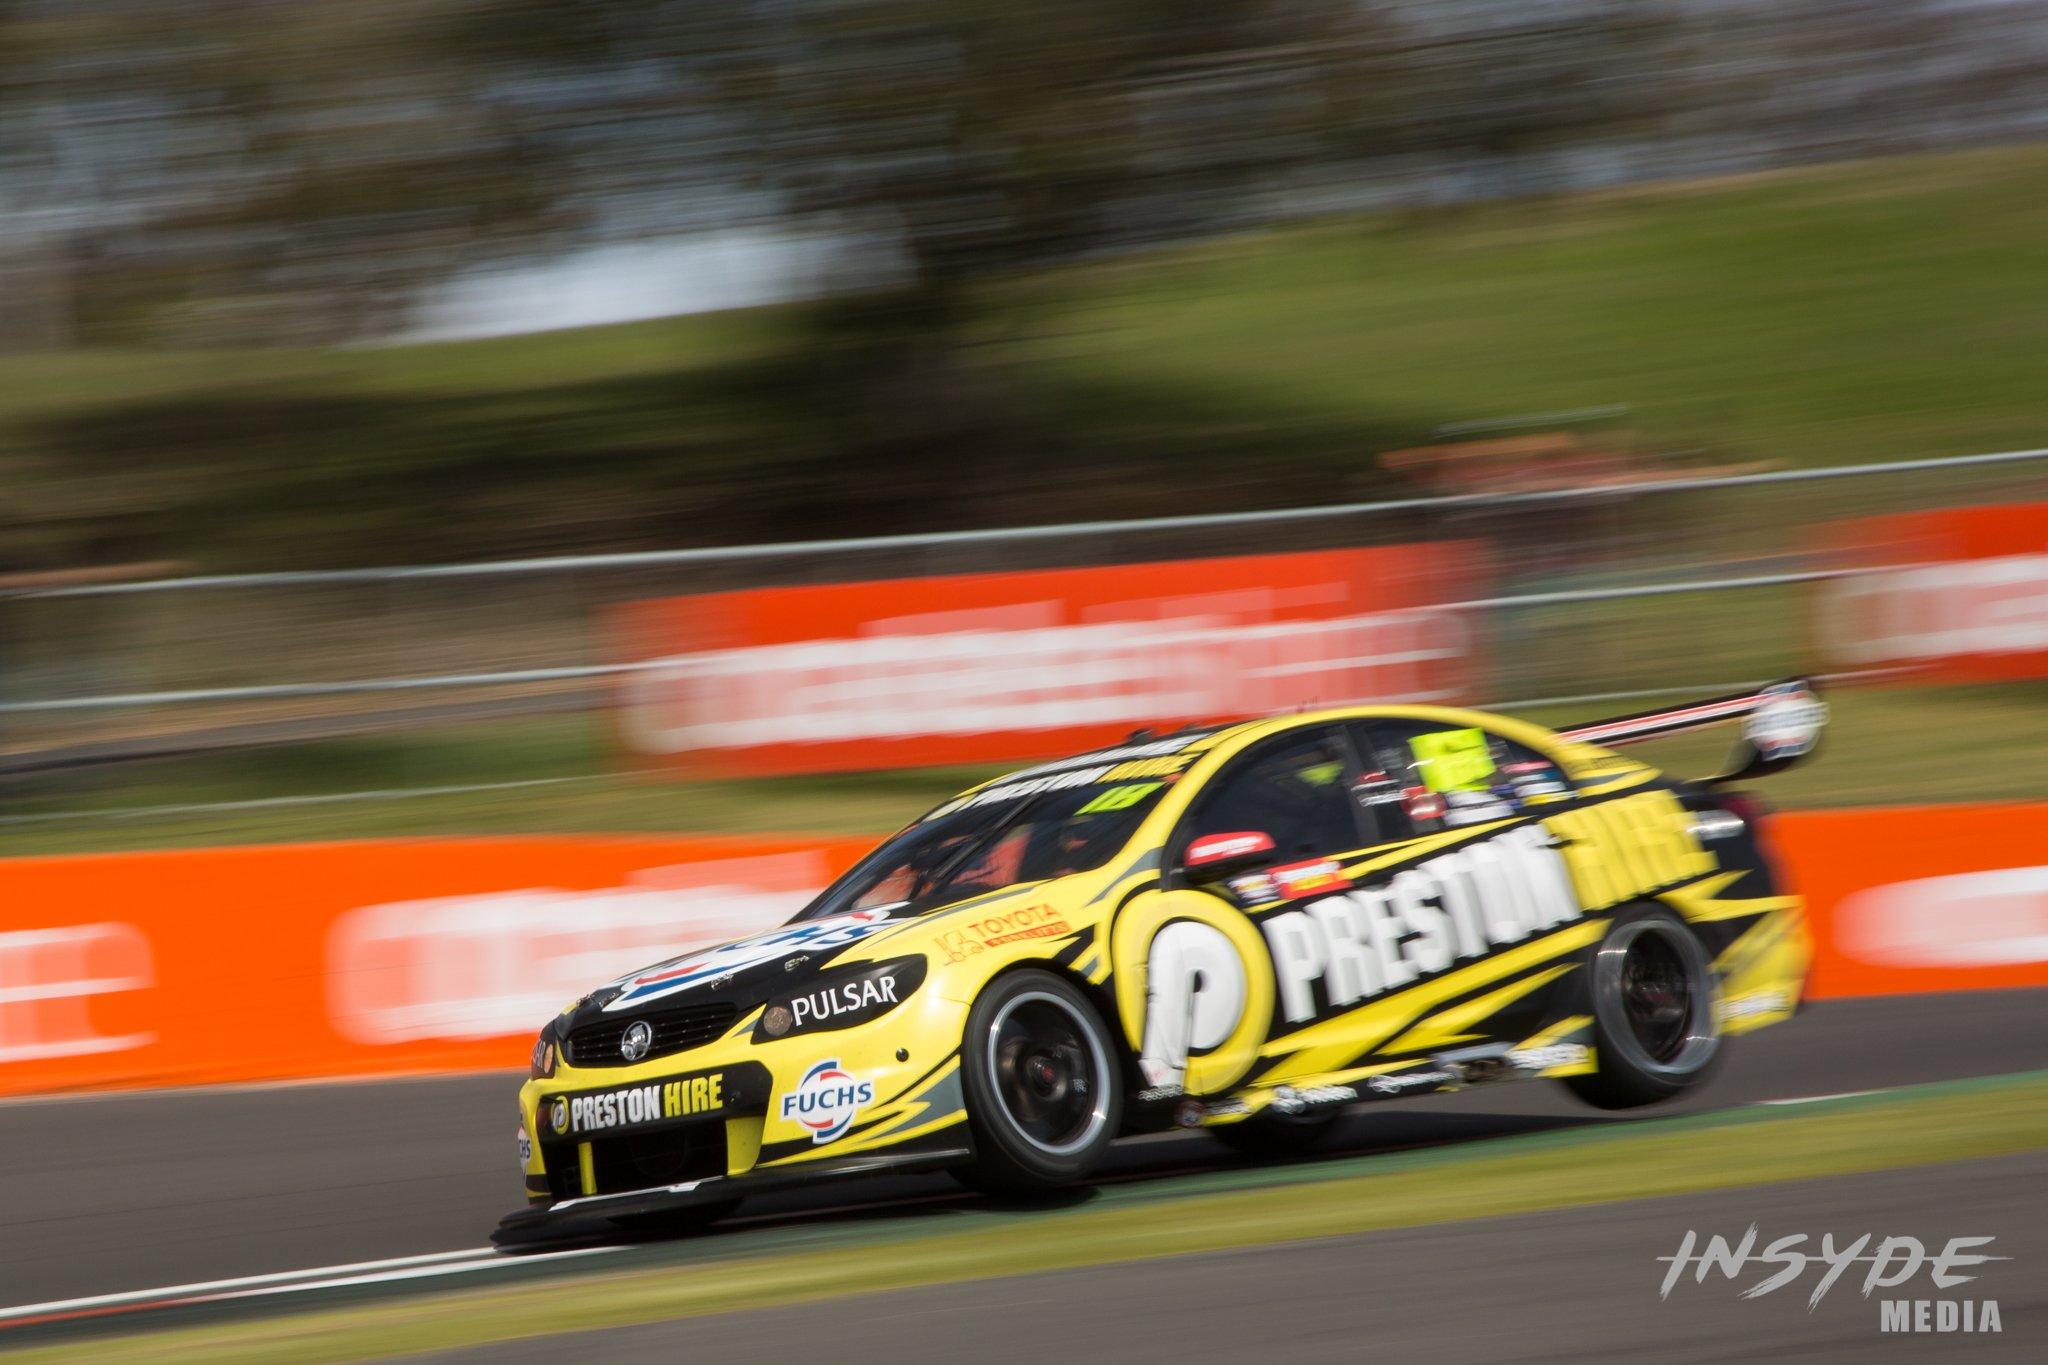 Motorsport-VASC-InSydeMedia-003